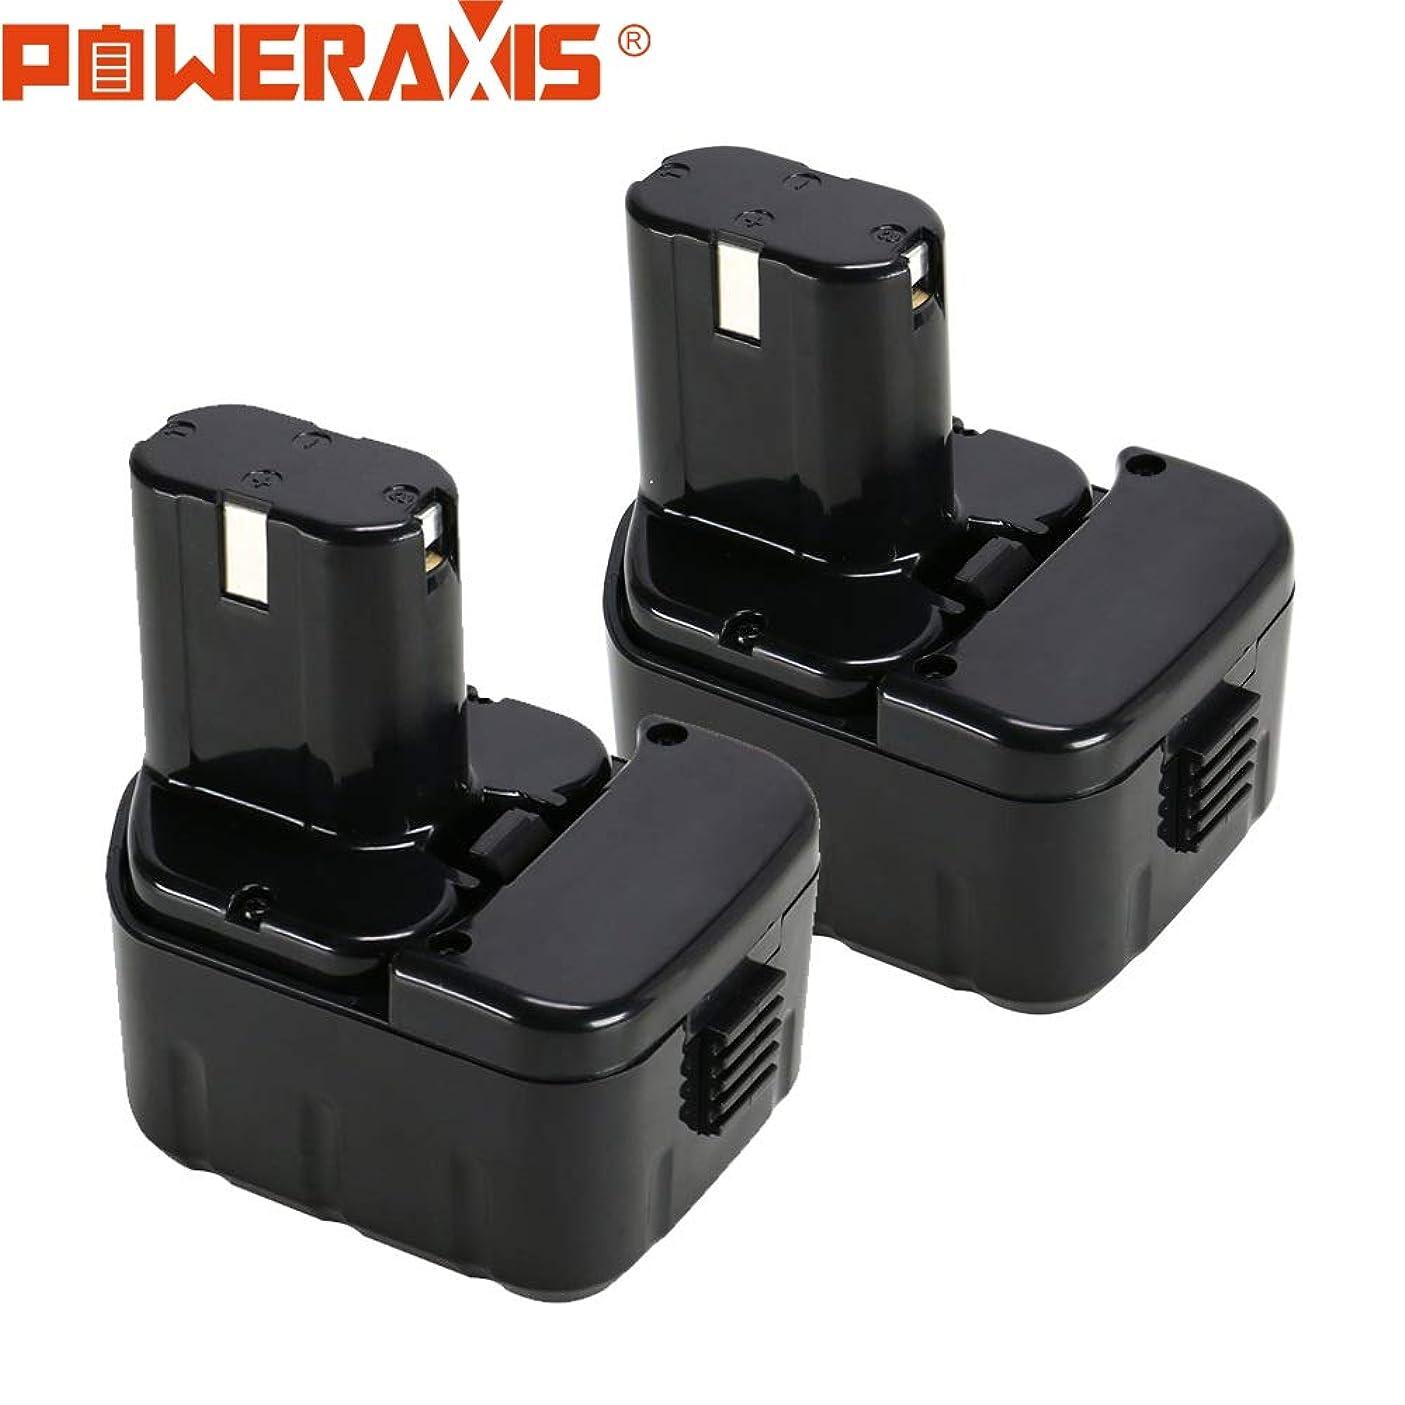 作る悪意豊富【日本出荷】【1年保証】Hitachi 日立 12V ニッケル水素電池 互換バッテリー BCC1215 EB1212S EB1214S EB1214L EB1220BL EB1230HL EB1230R EB1230X EB1233X など対応 3000mAh 電動工具用 2個セット